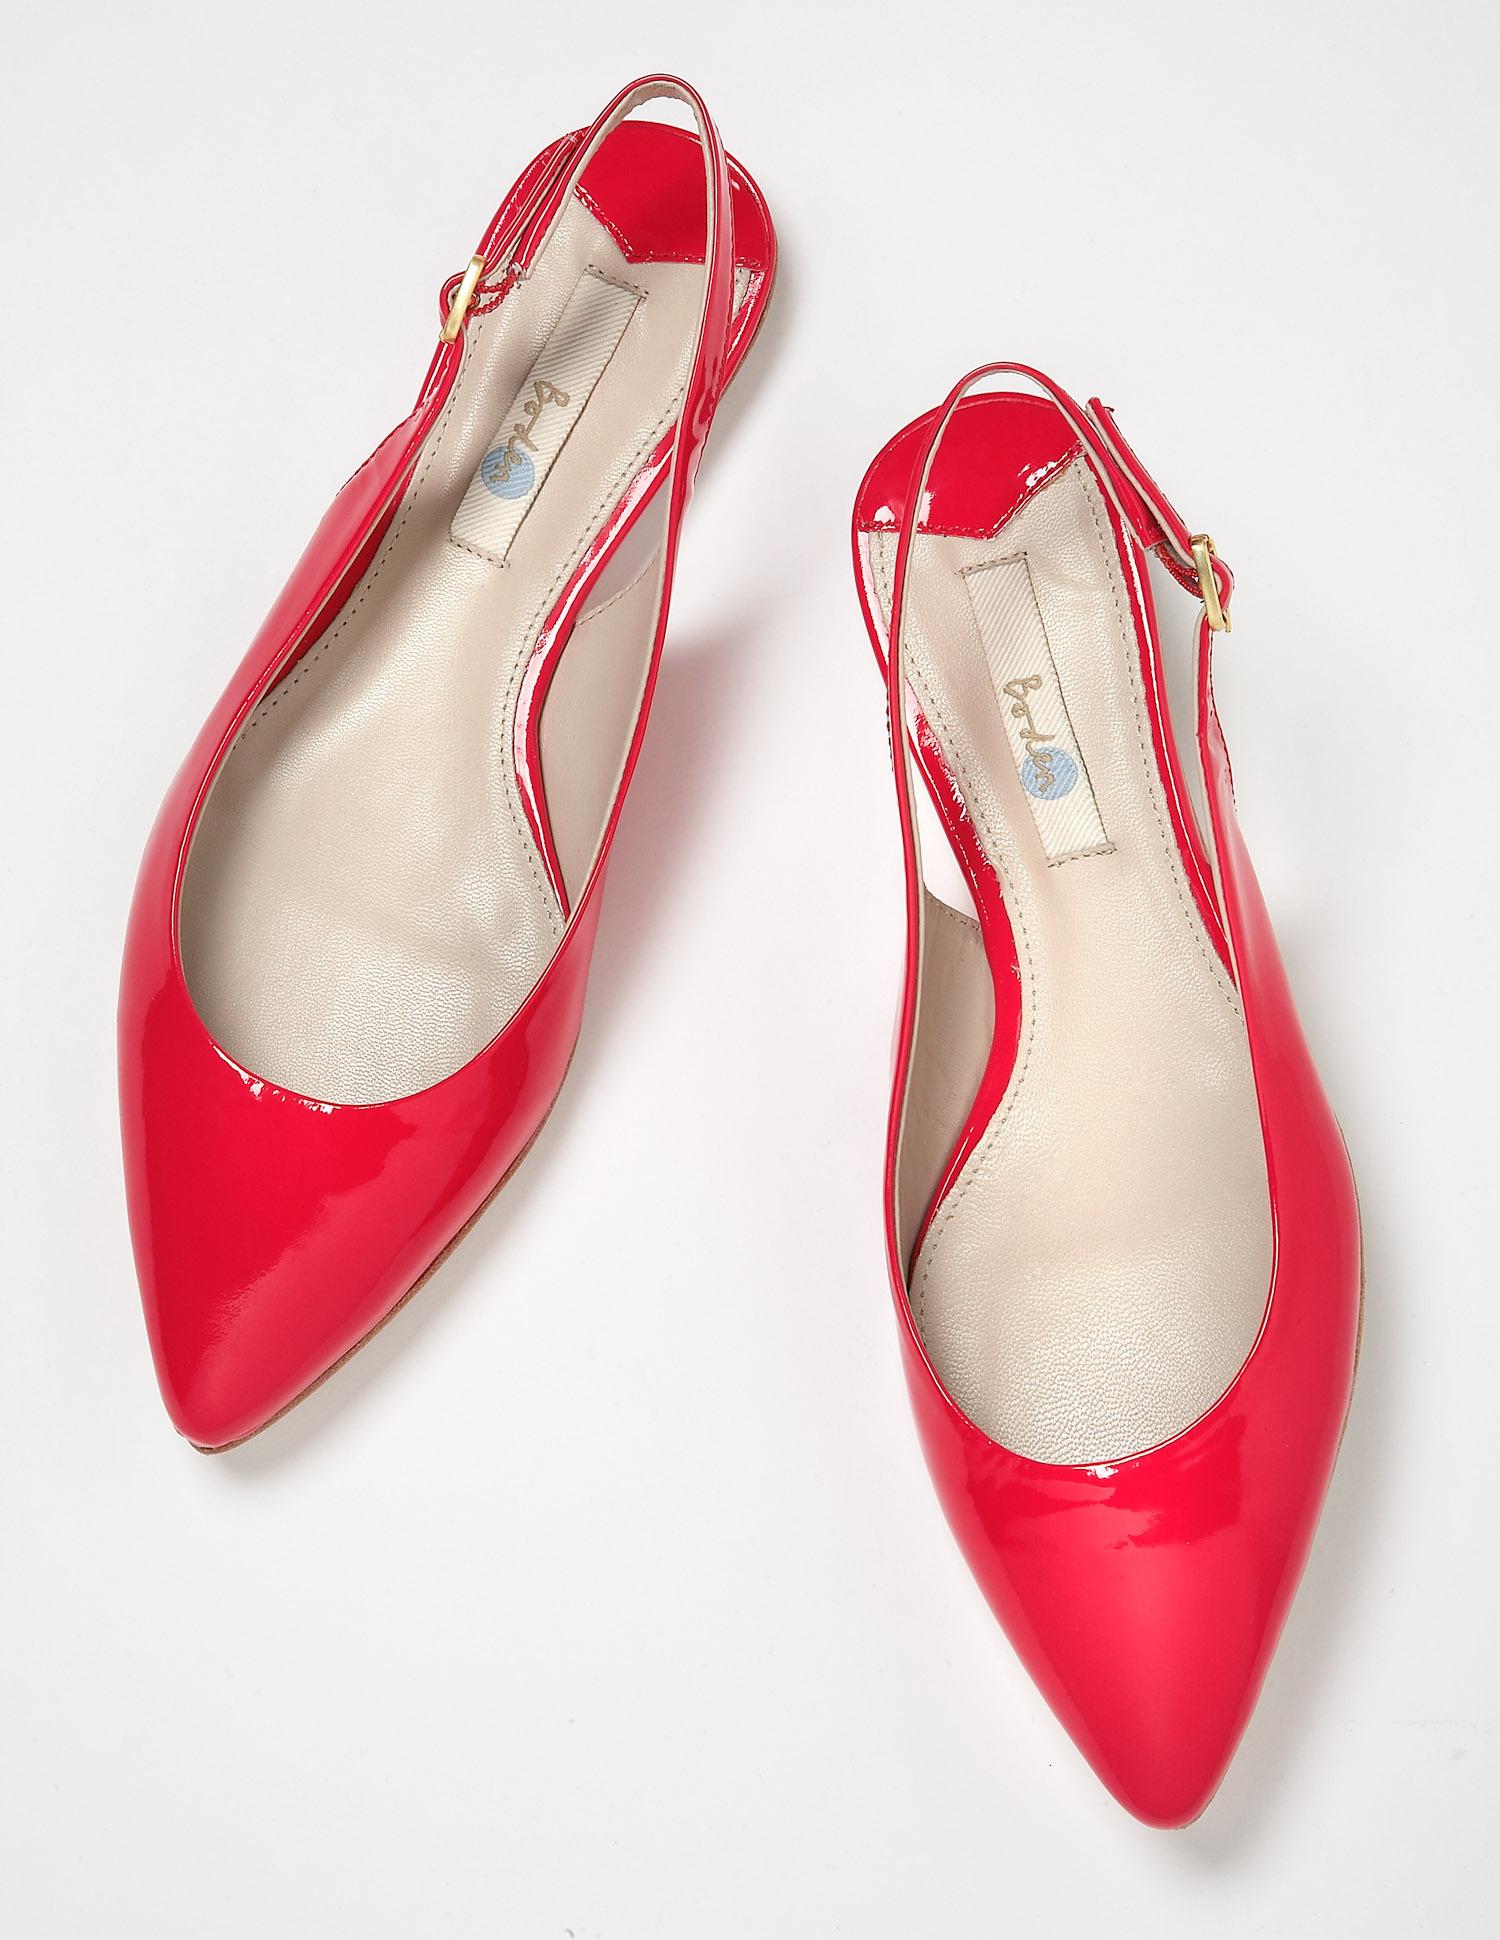 والاحذية Boden 2014 367988.jpg